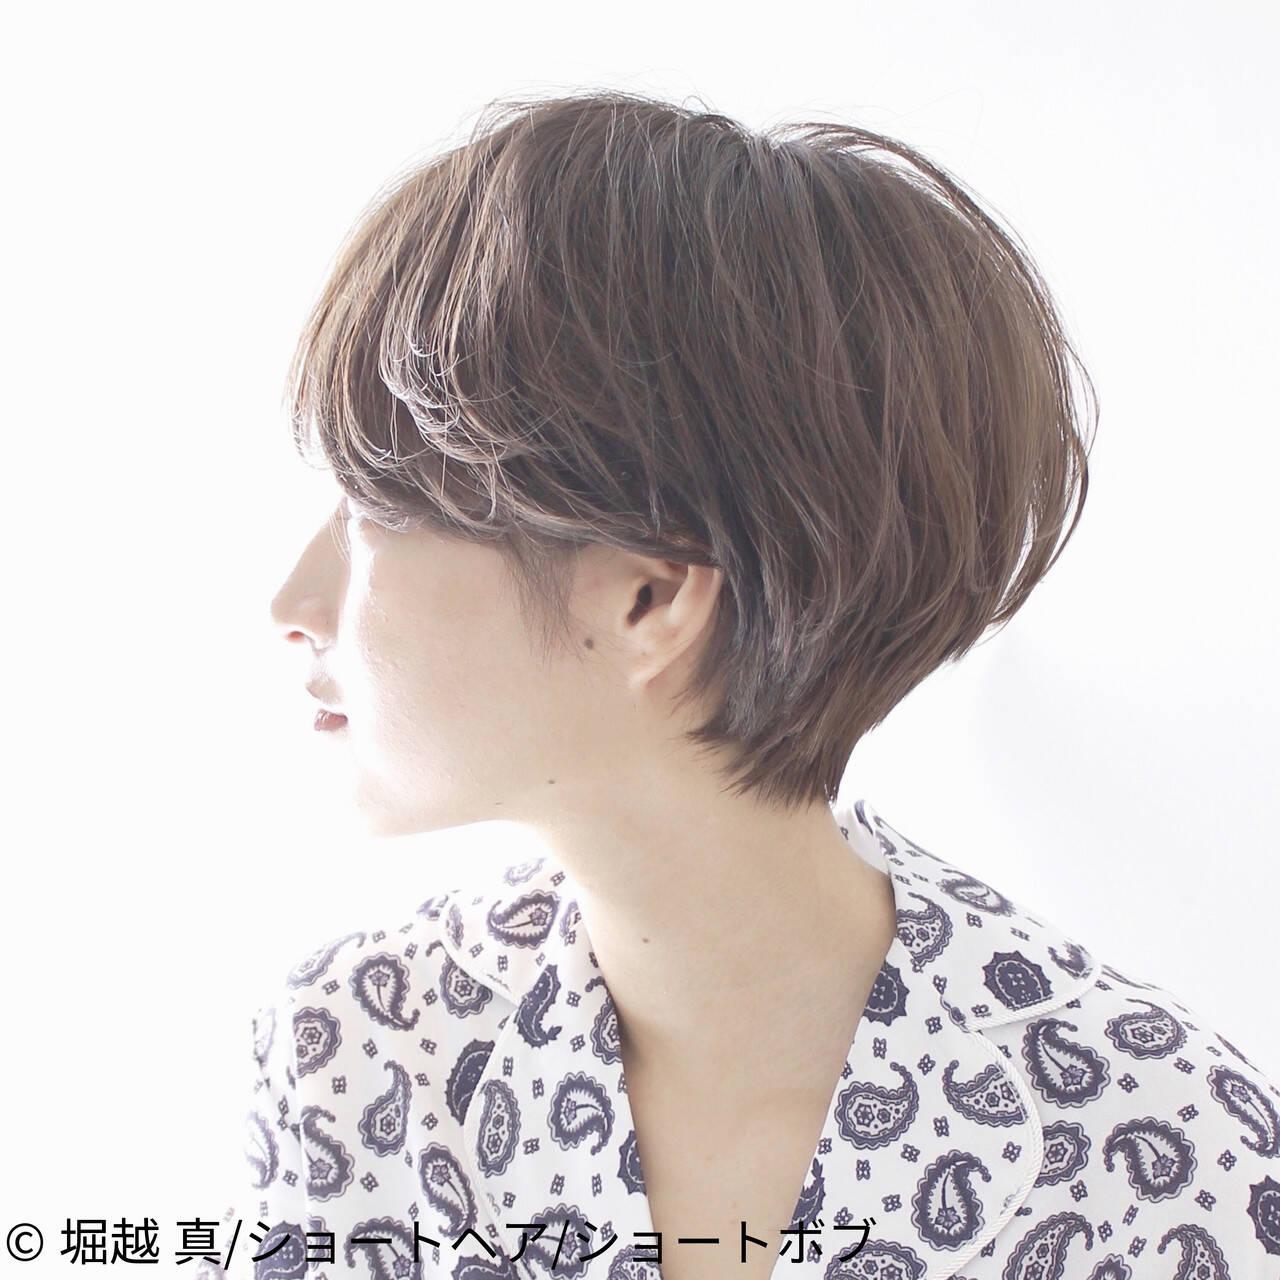 ナチュラル ショート ショートヘア パーマヘアスタイルや髪型の写真・画像